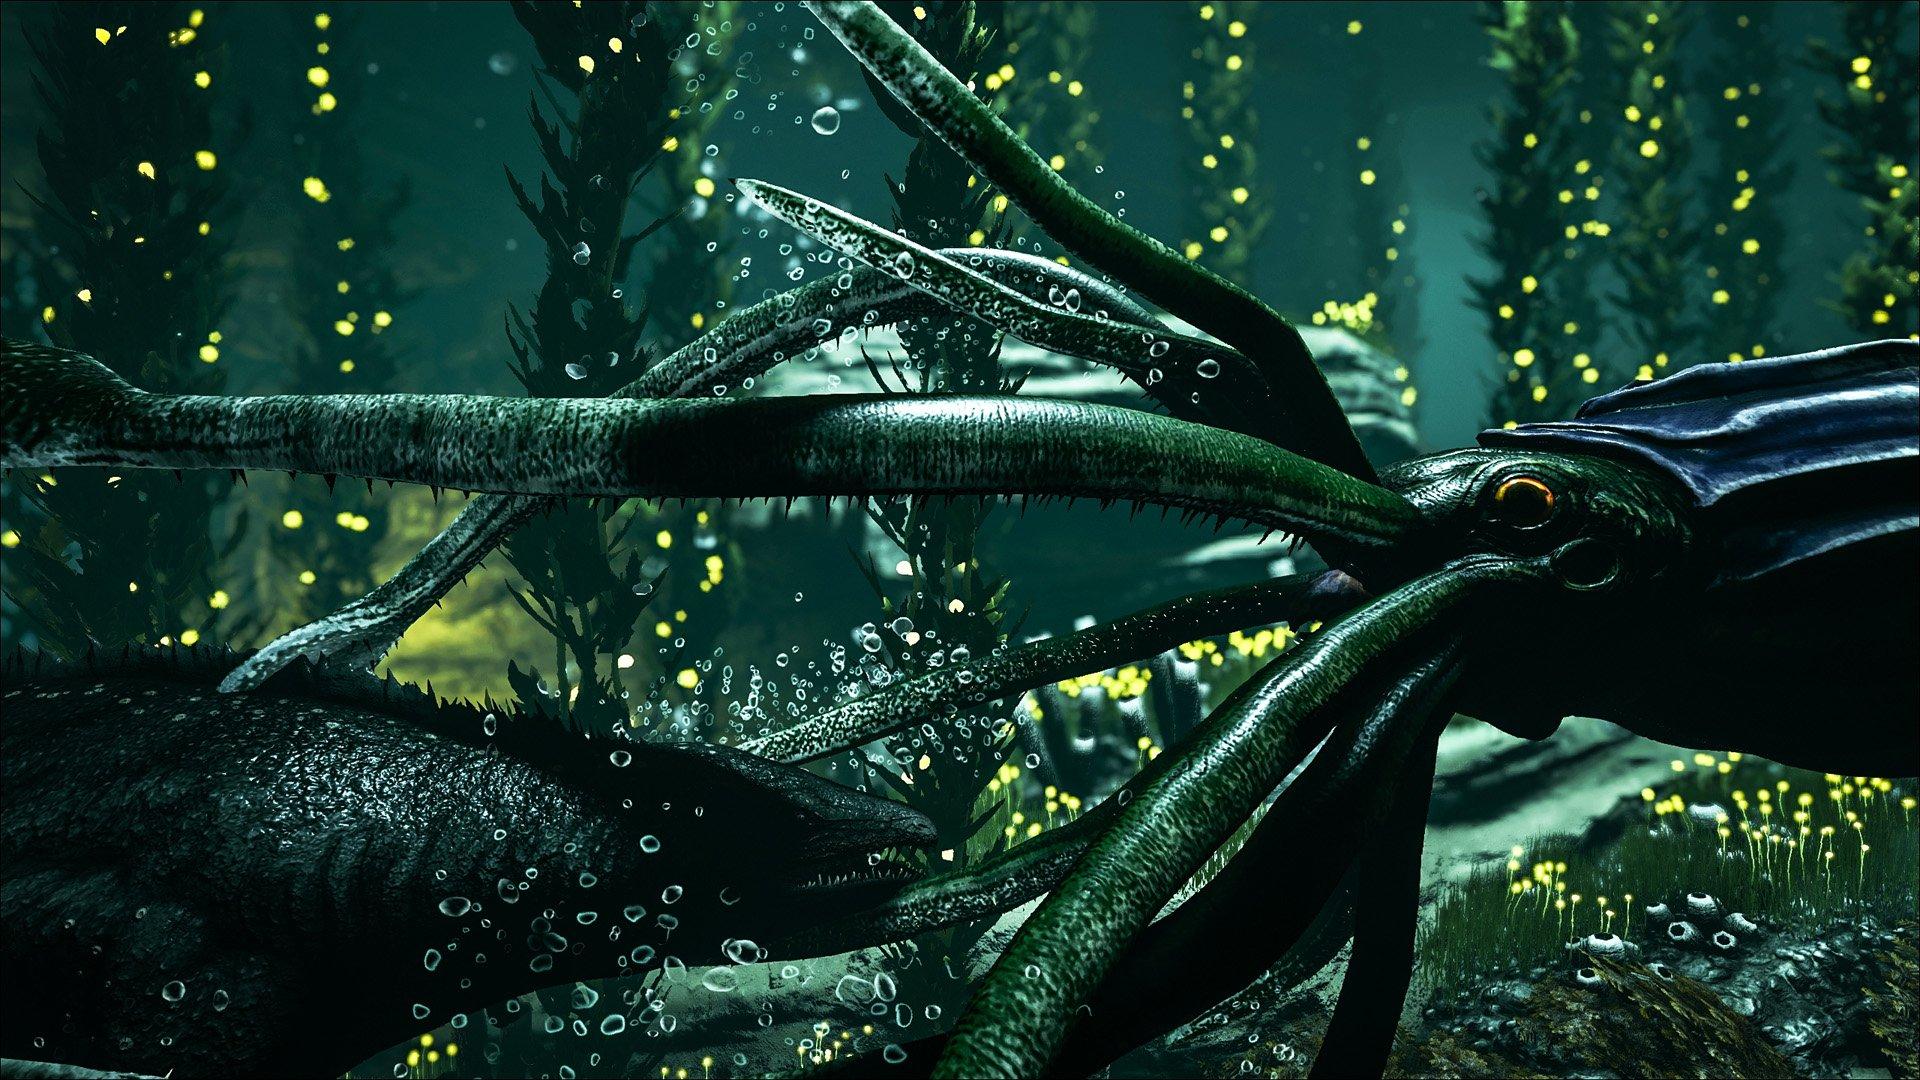 ark_survival_evolved-3819082.jpg